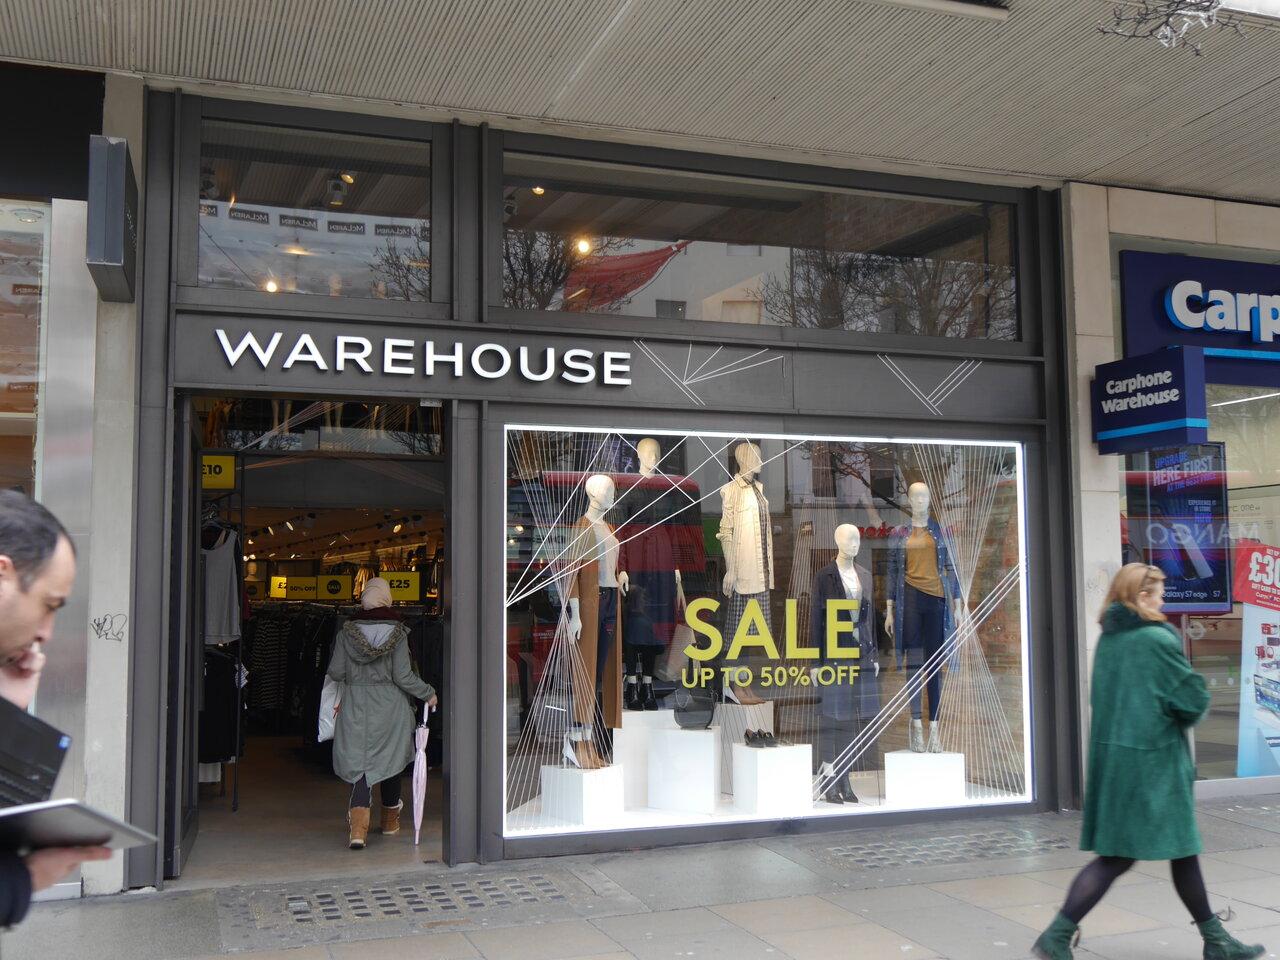 интернет магазин молодежной одежды верхаус часть выполнена, теперь